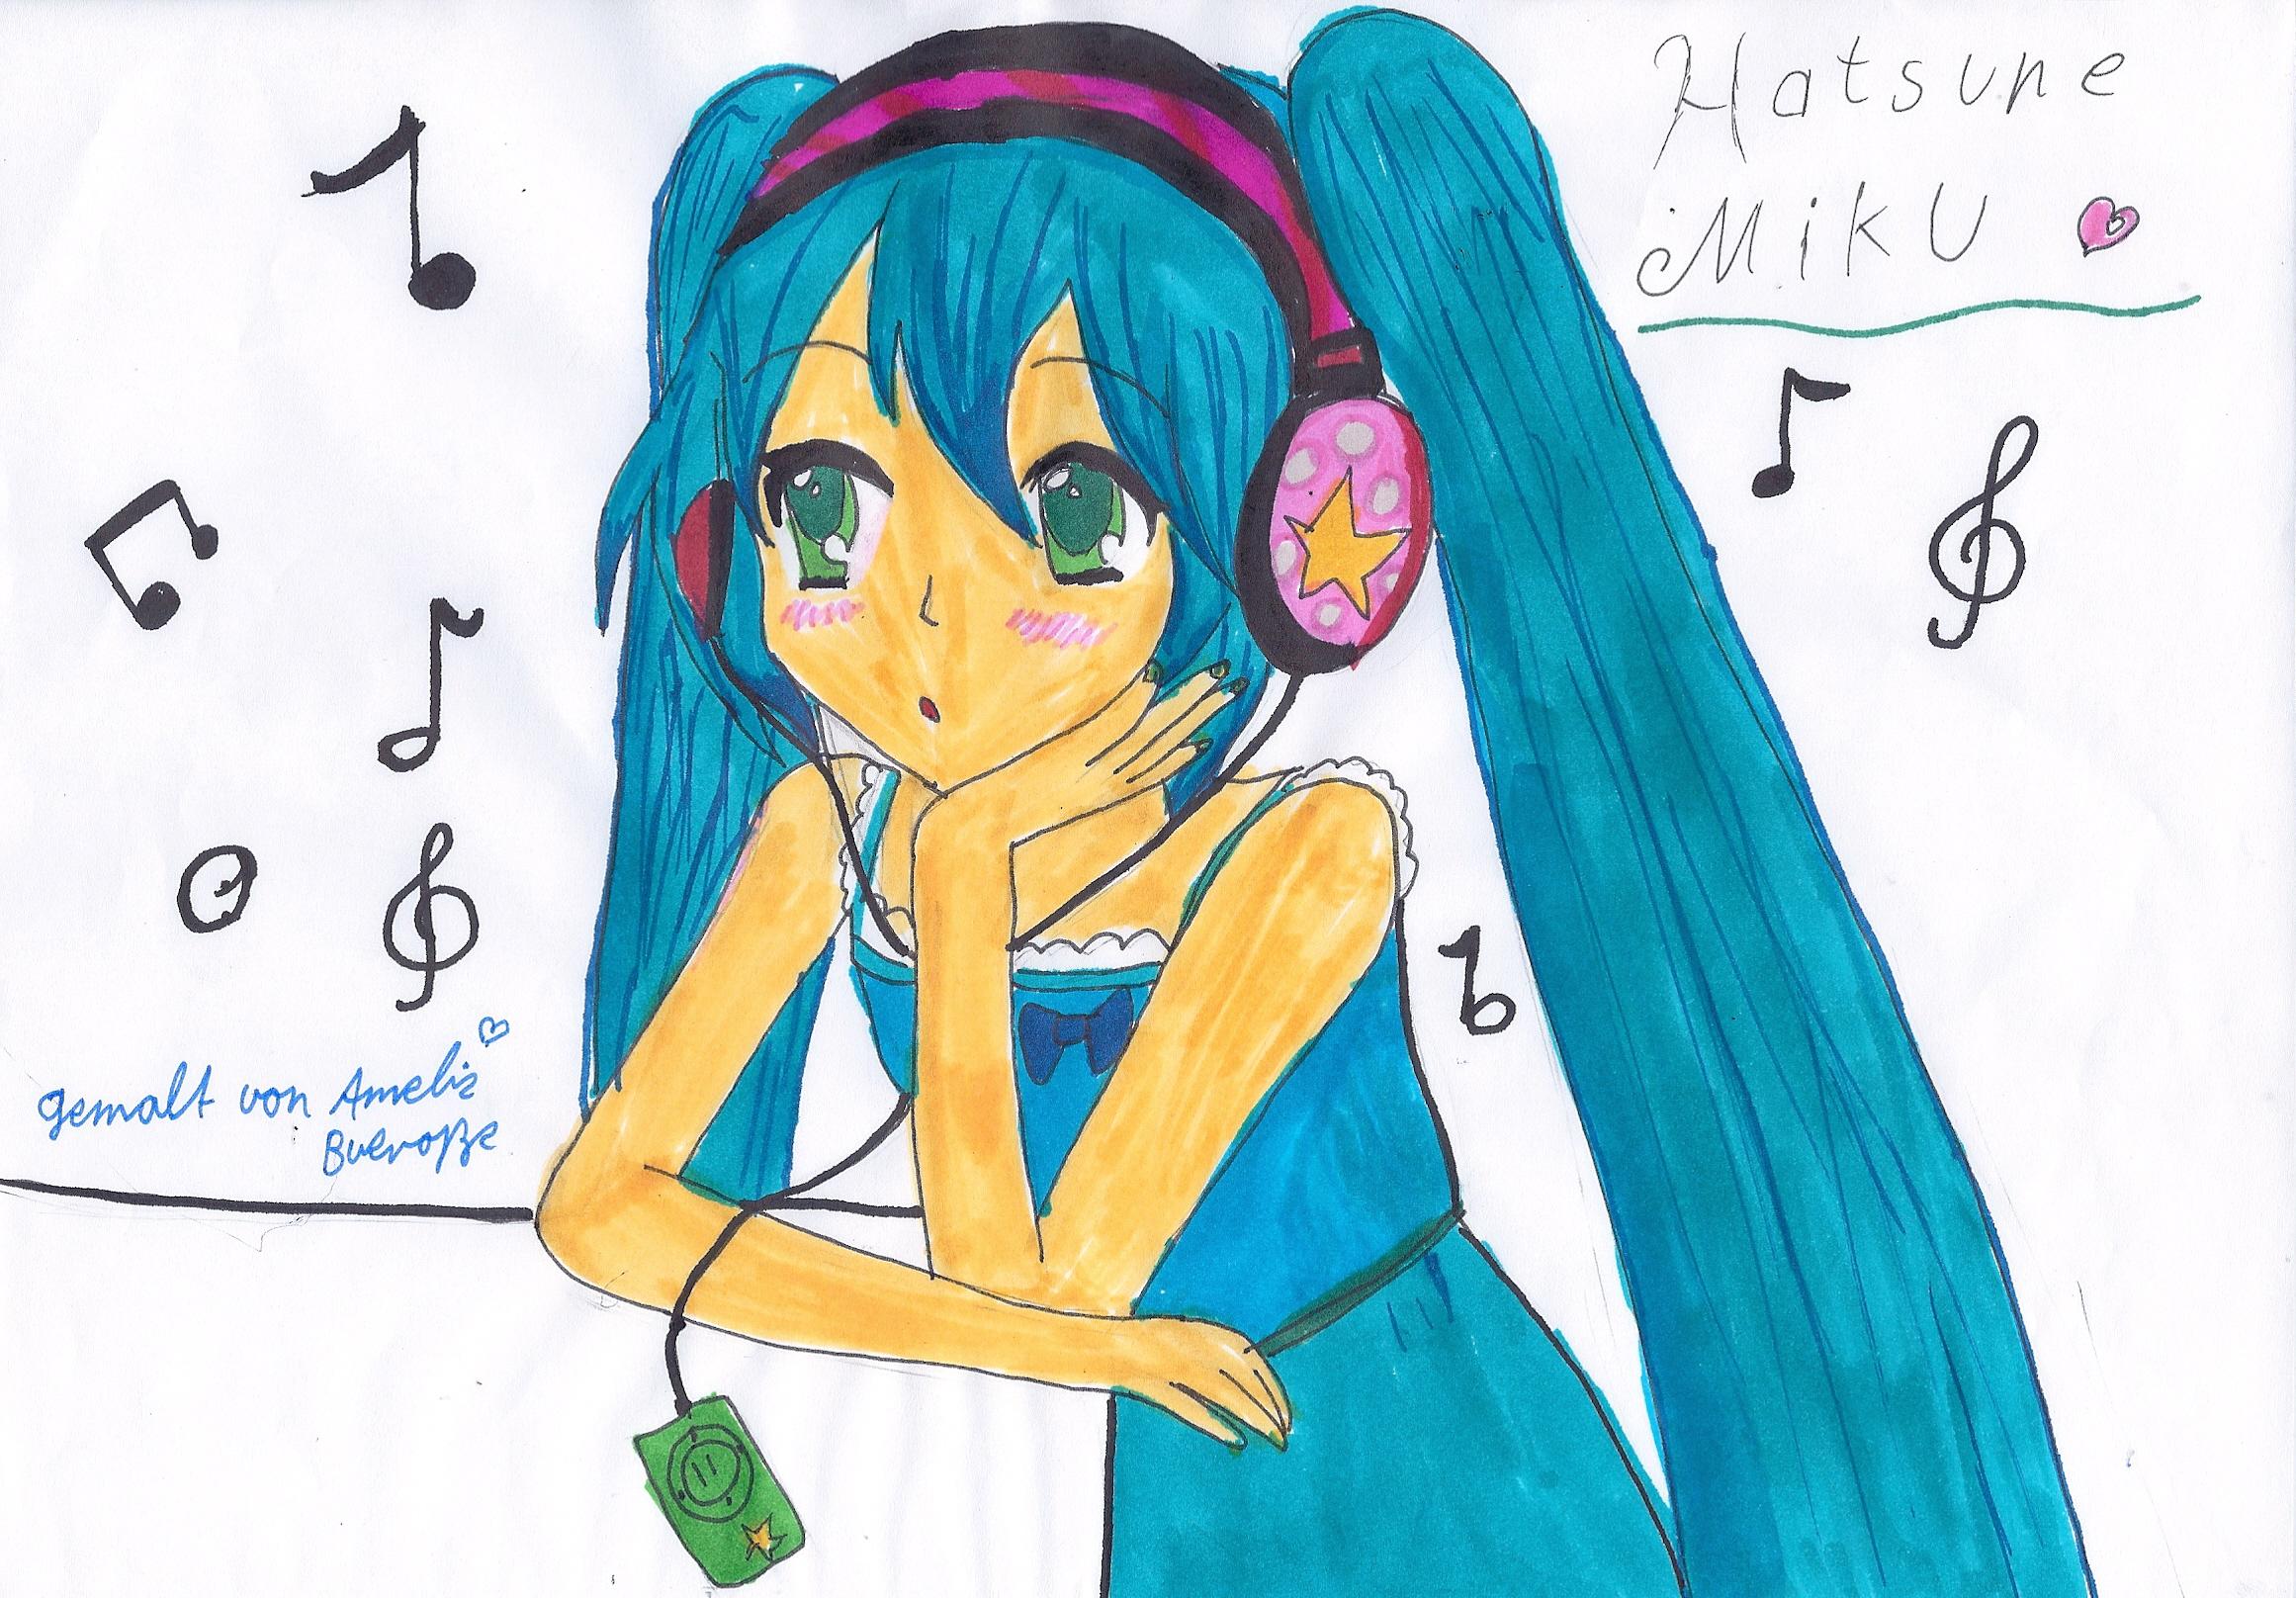 Die Japanischen Mangas Und Anime Schülerzeitung Der Leonhard